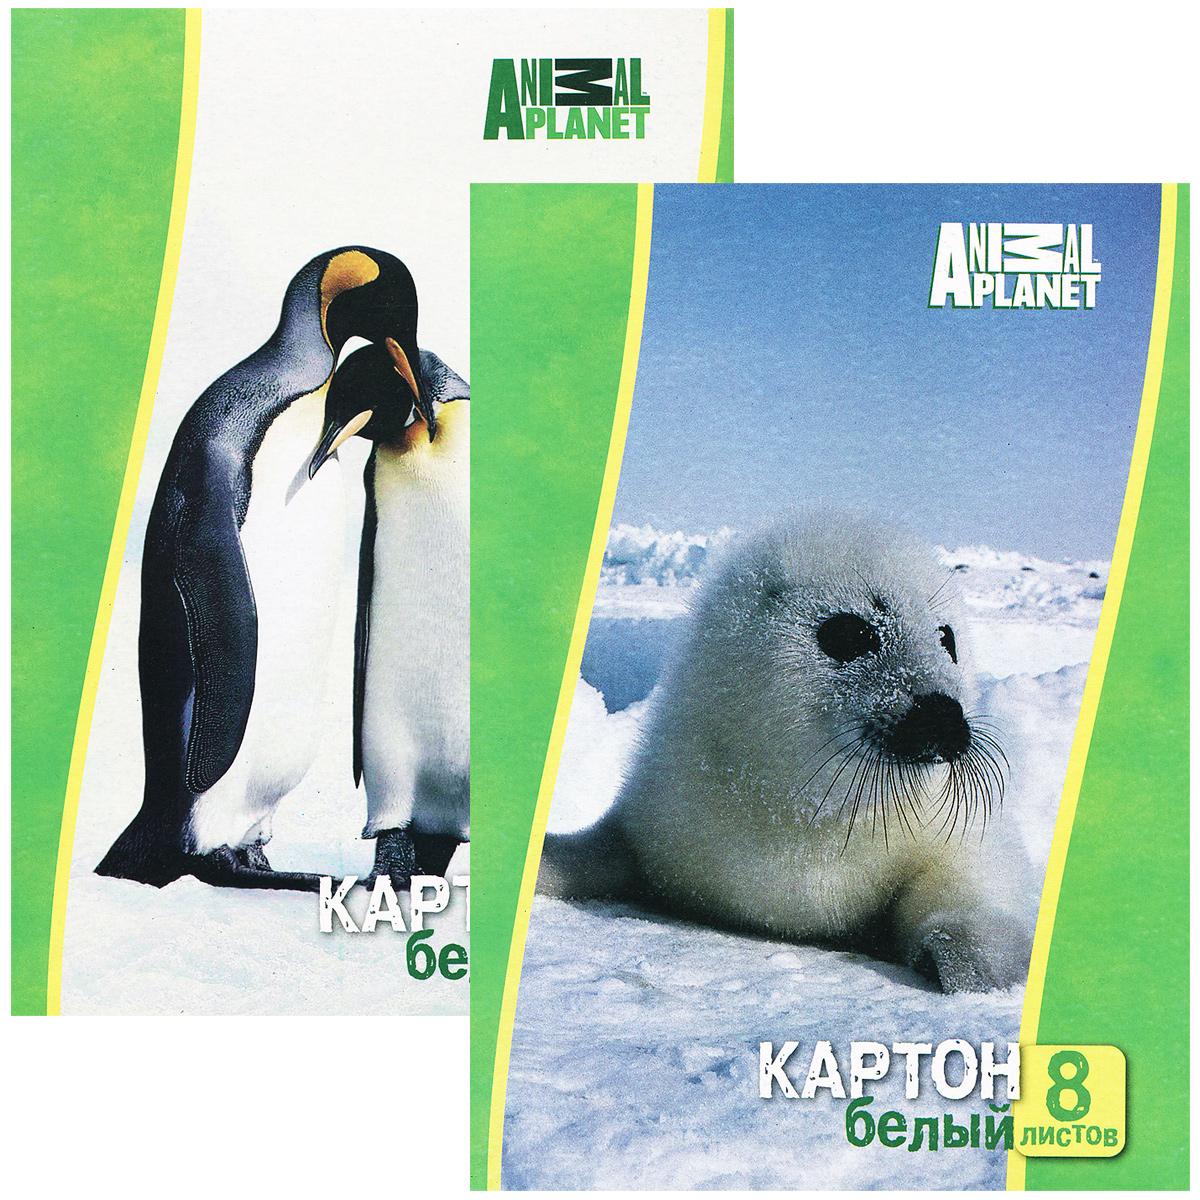 Набор белого мелованного картонаACTION!ANIMAL PLANET, ф. А4, 8 листов, 2 шт в упаковке, 2 дизайна, (ACTION!)AP-AWP-8/8Набор белого картона Action! Animal Planet позволит создавать всевозможные аппликации и поделки.Набор включает две упаковки одностороннего белого картона, в каждой 8 листов формата А4.Каждый из наборов упакован в картонную папку с изображением животного либо птиц.Создание поделок из цветного картона позволяет ребенку развивать творческие способности, кроме того, это увлекательный досуг.